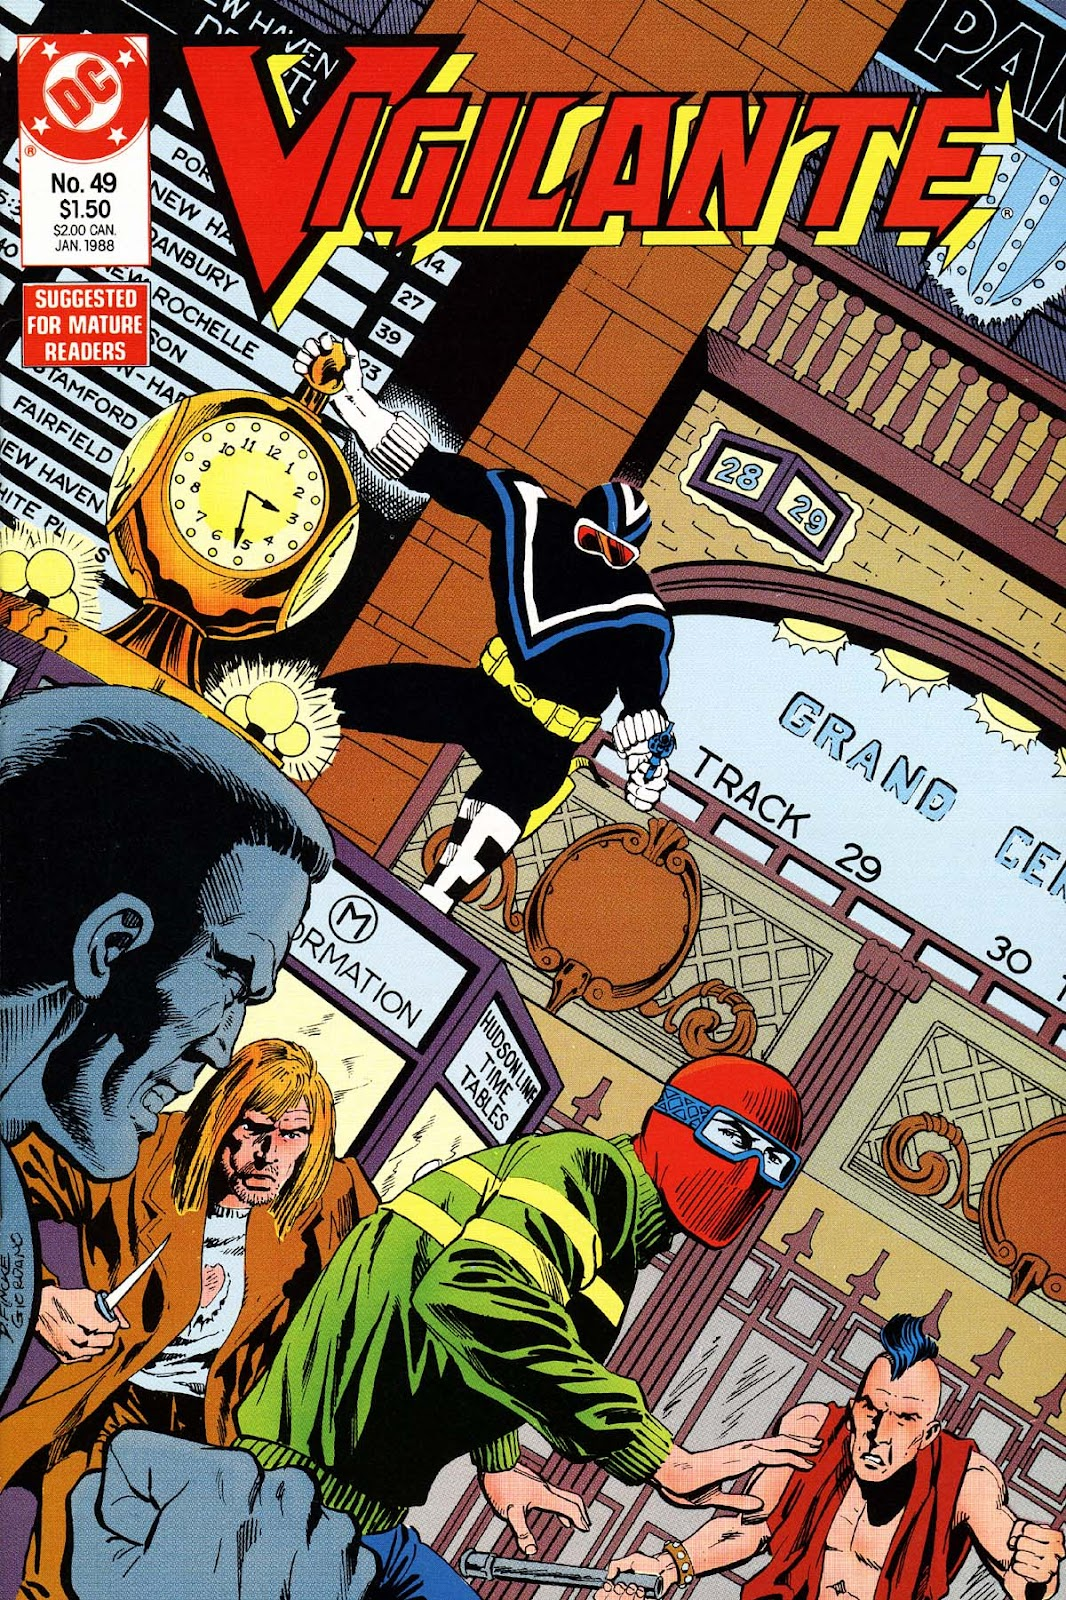 Vigilante (1983) issue 49 - Page 1